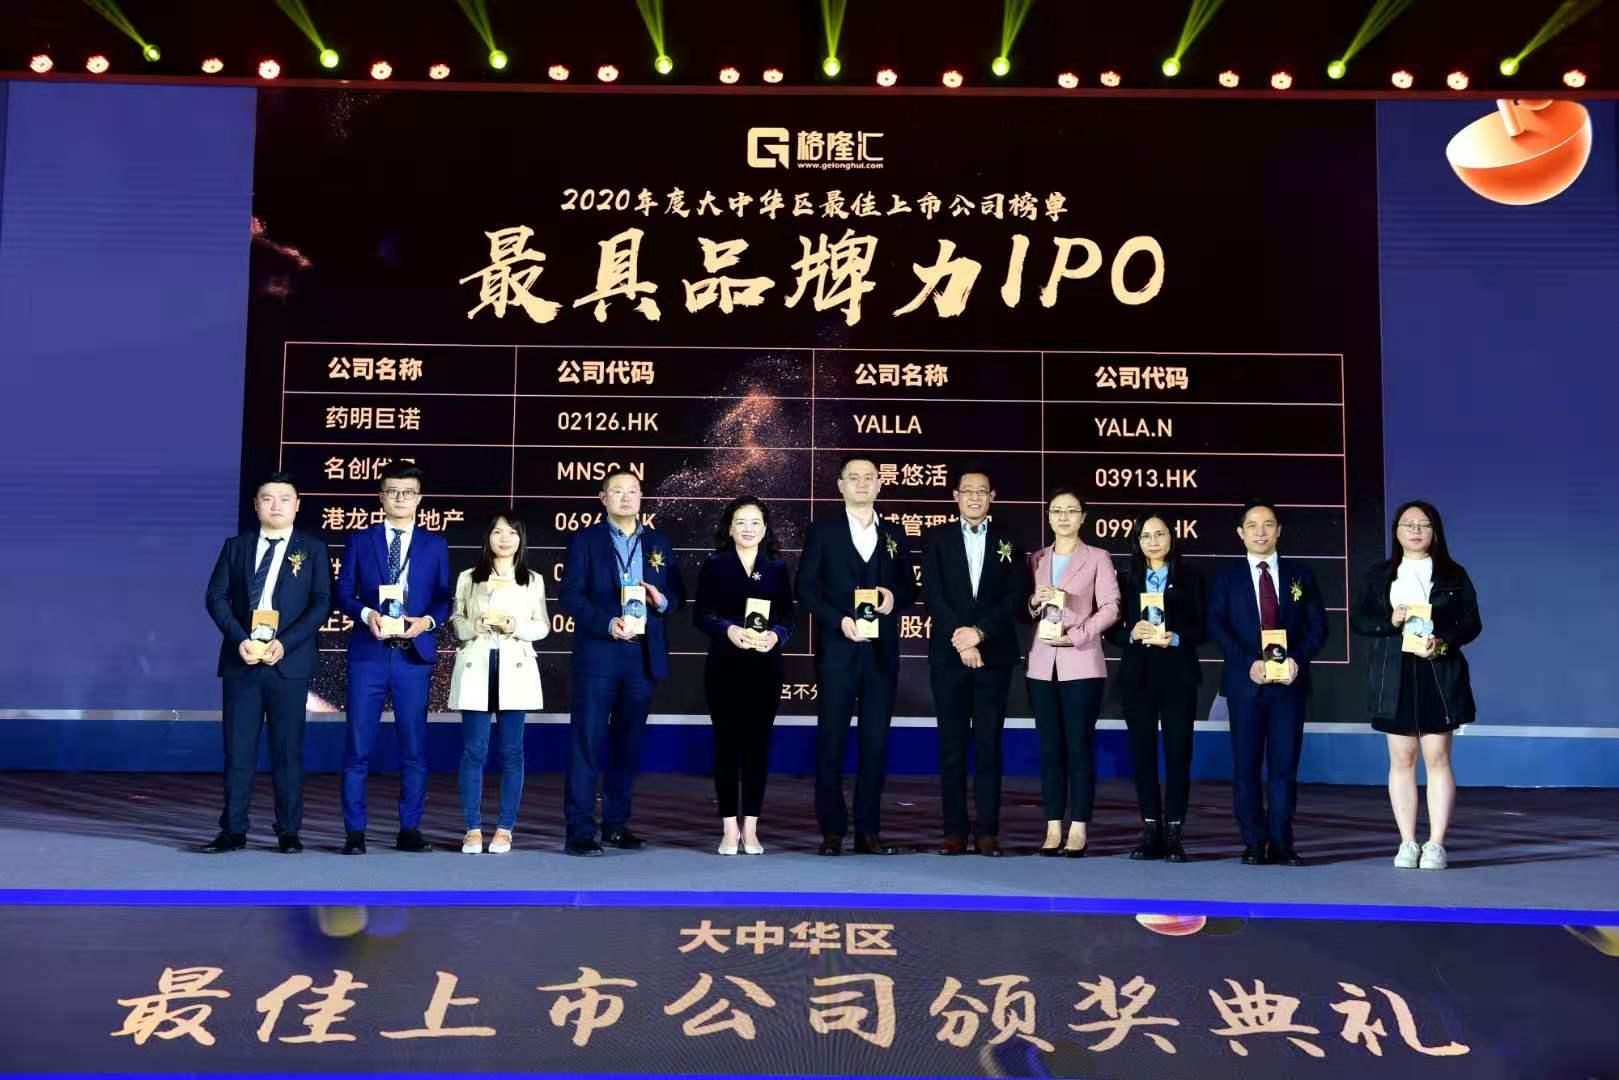 质变升级,再上台阶丨港龙中国获得【年度最具品牌力IPO】大奖